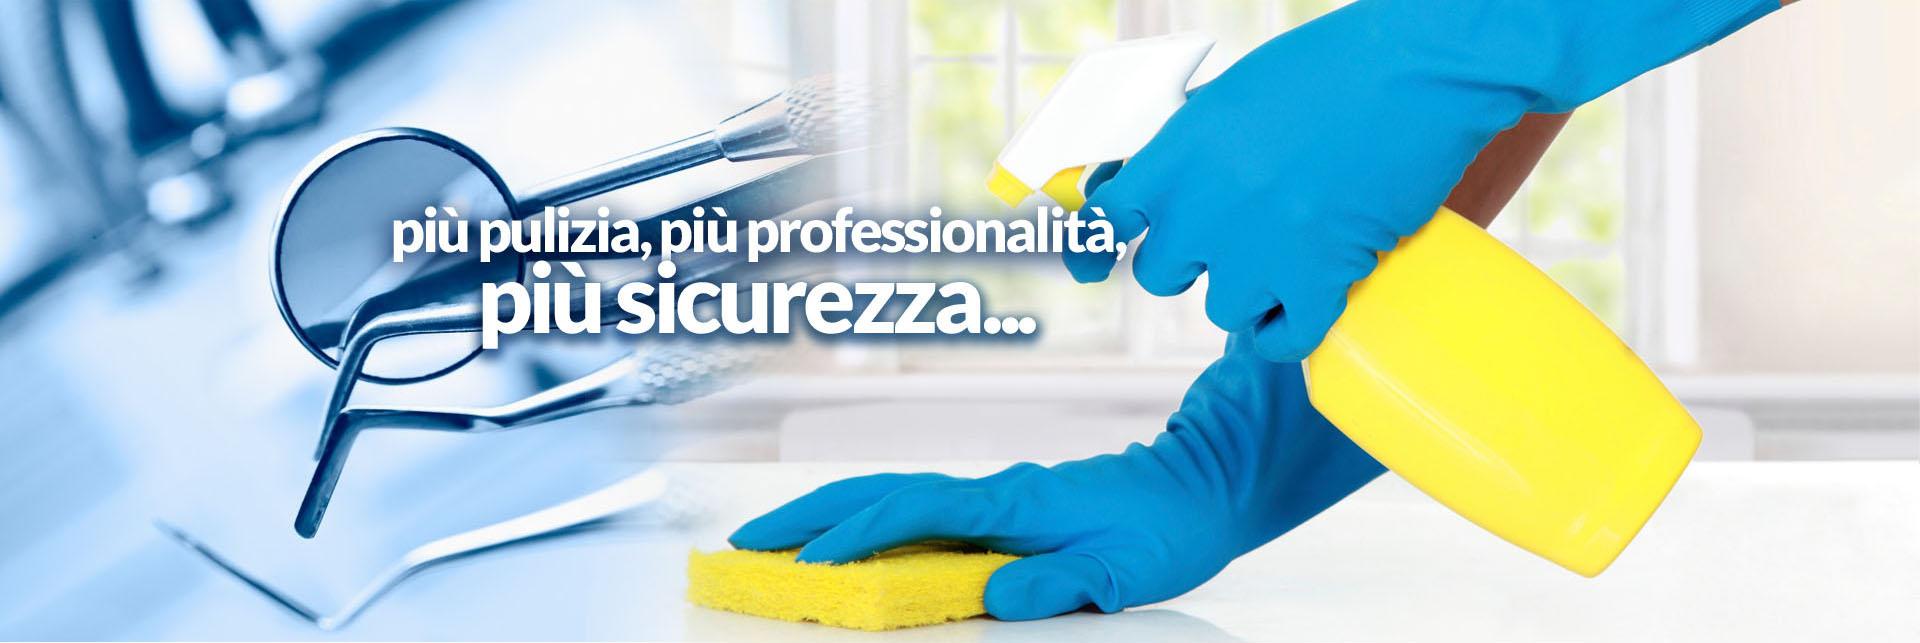 Sanificazione prodotti a presidio medico chirurgico Newsplendor guanti pulizia uffici prodotti haccp contro batteri e virus pulizia profonda